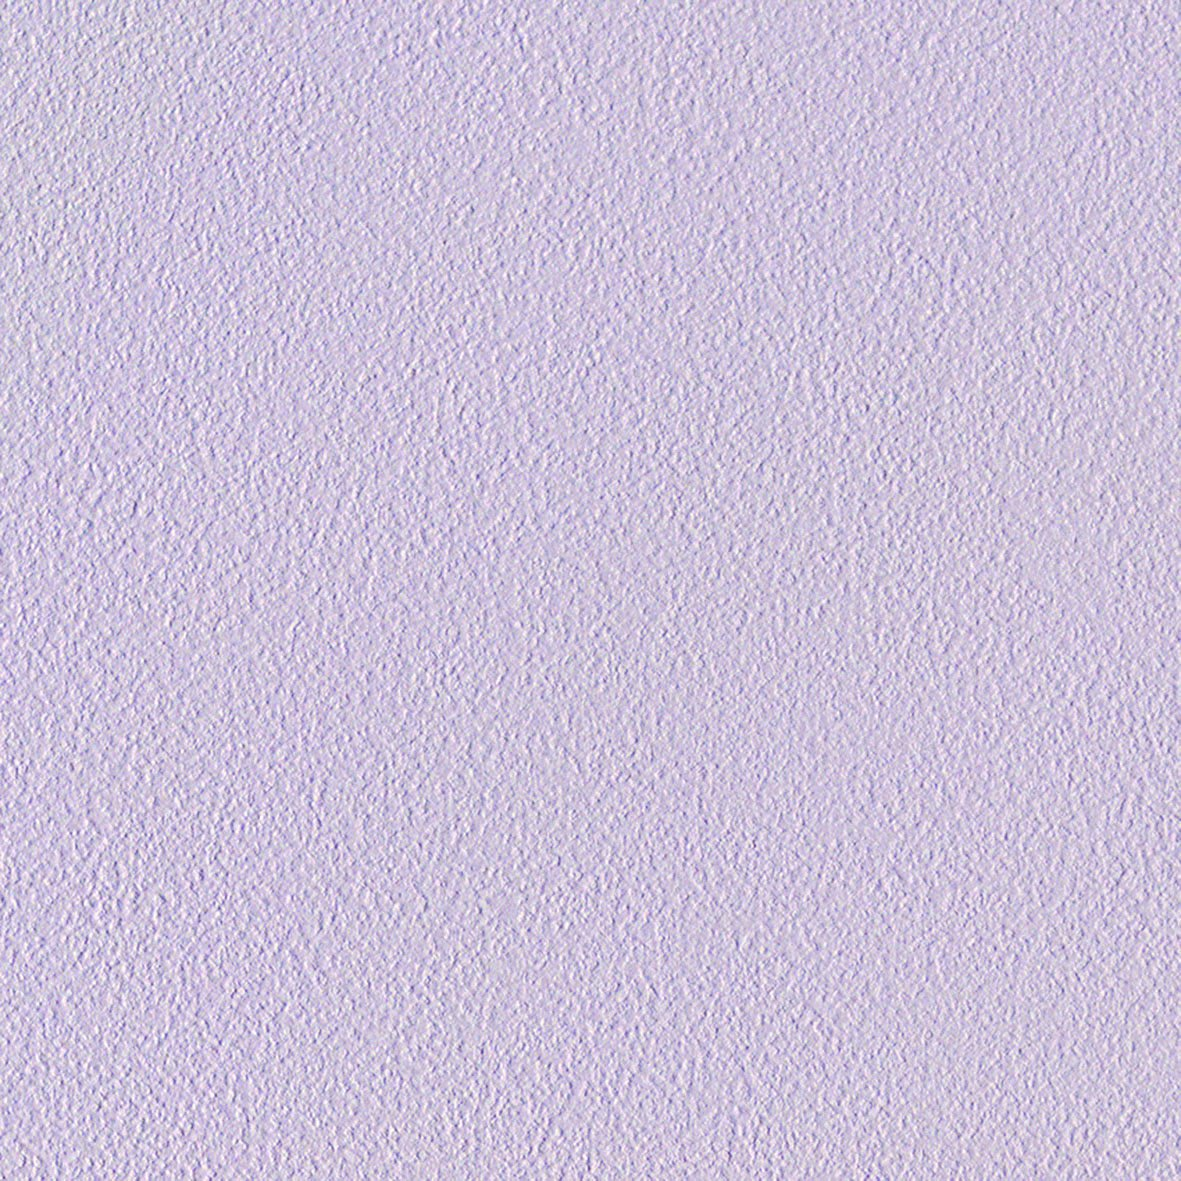 超歓迎された シンフル 壁紙42m リリカラ 石目調 42m パープル